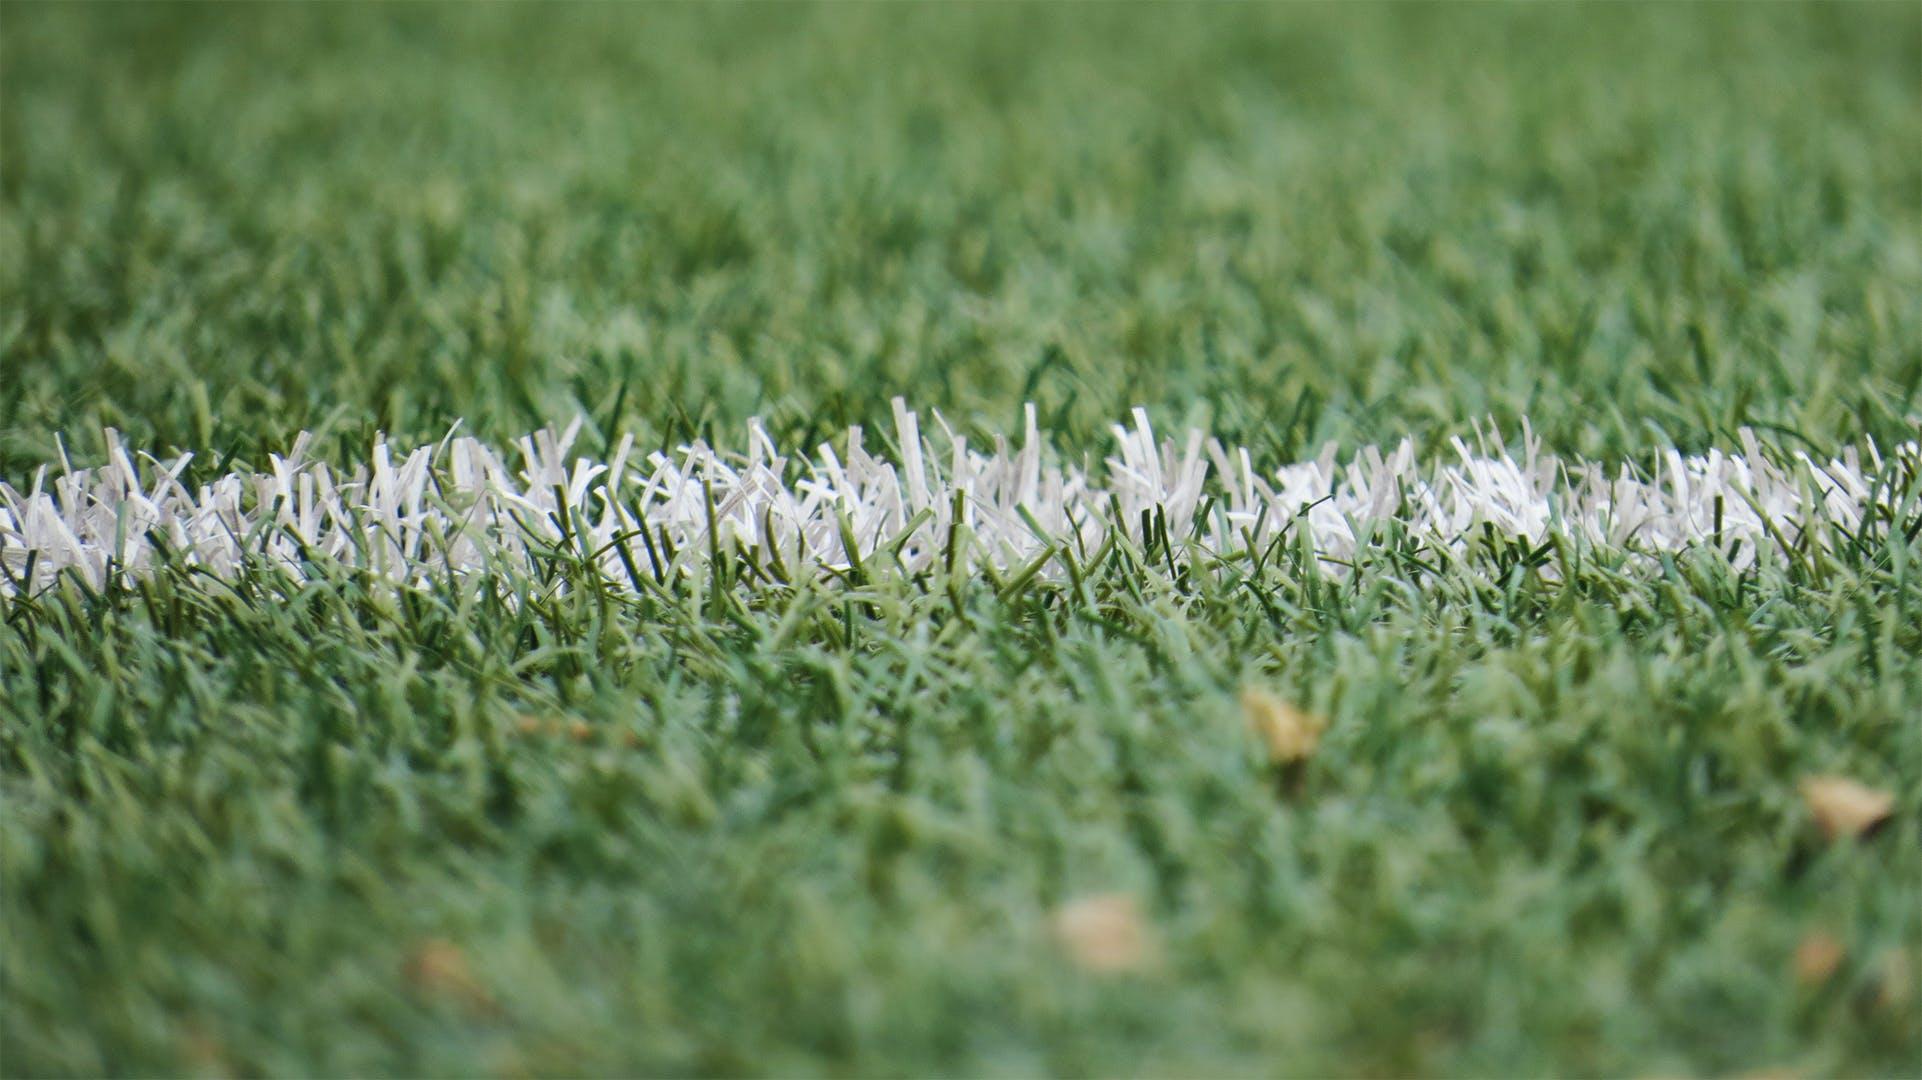 Grass on a football field